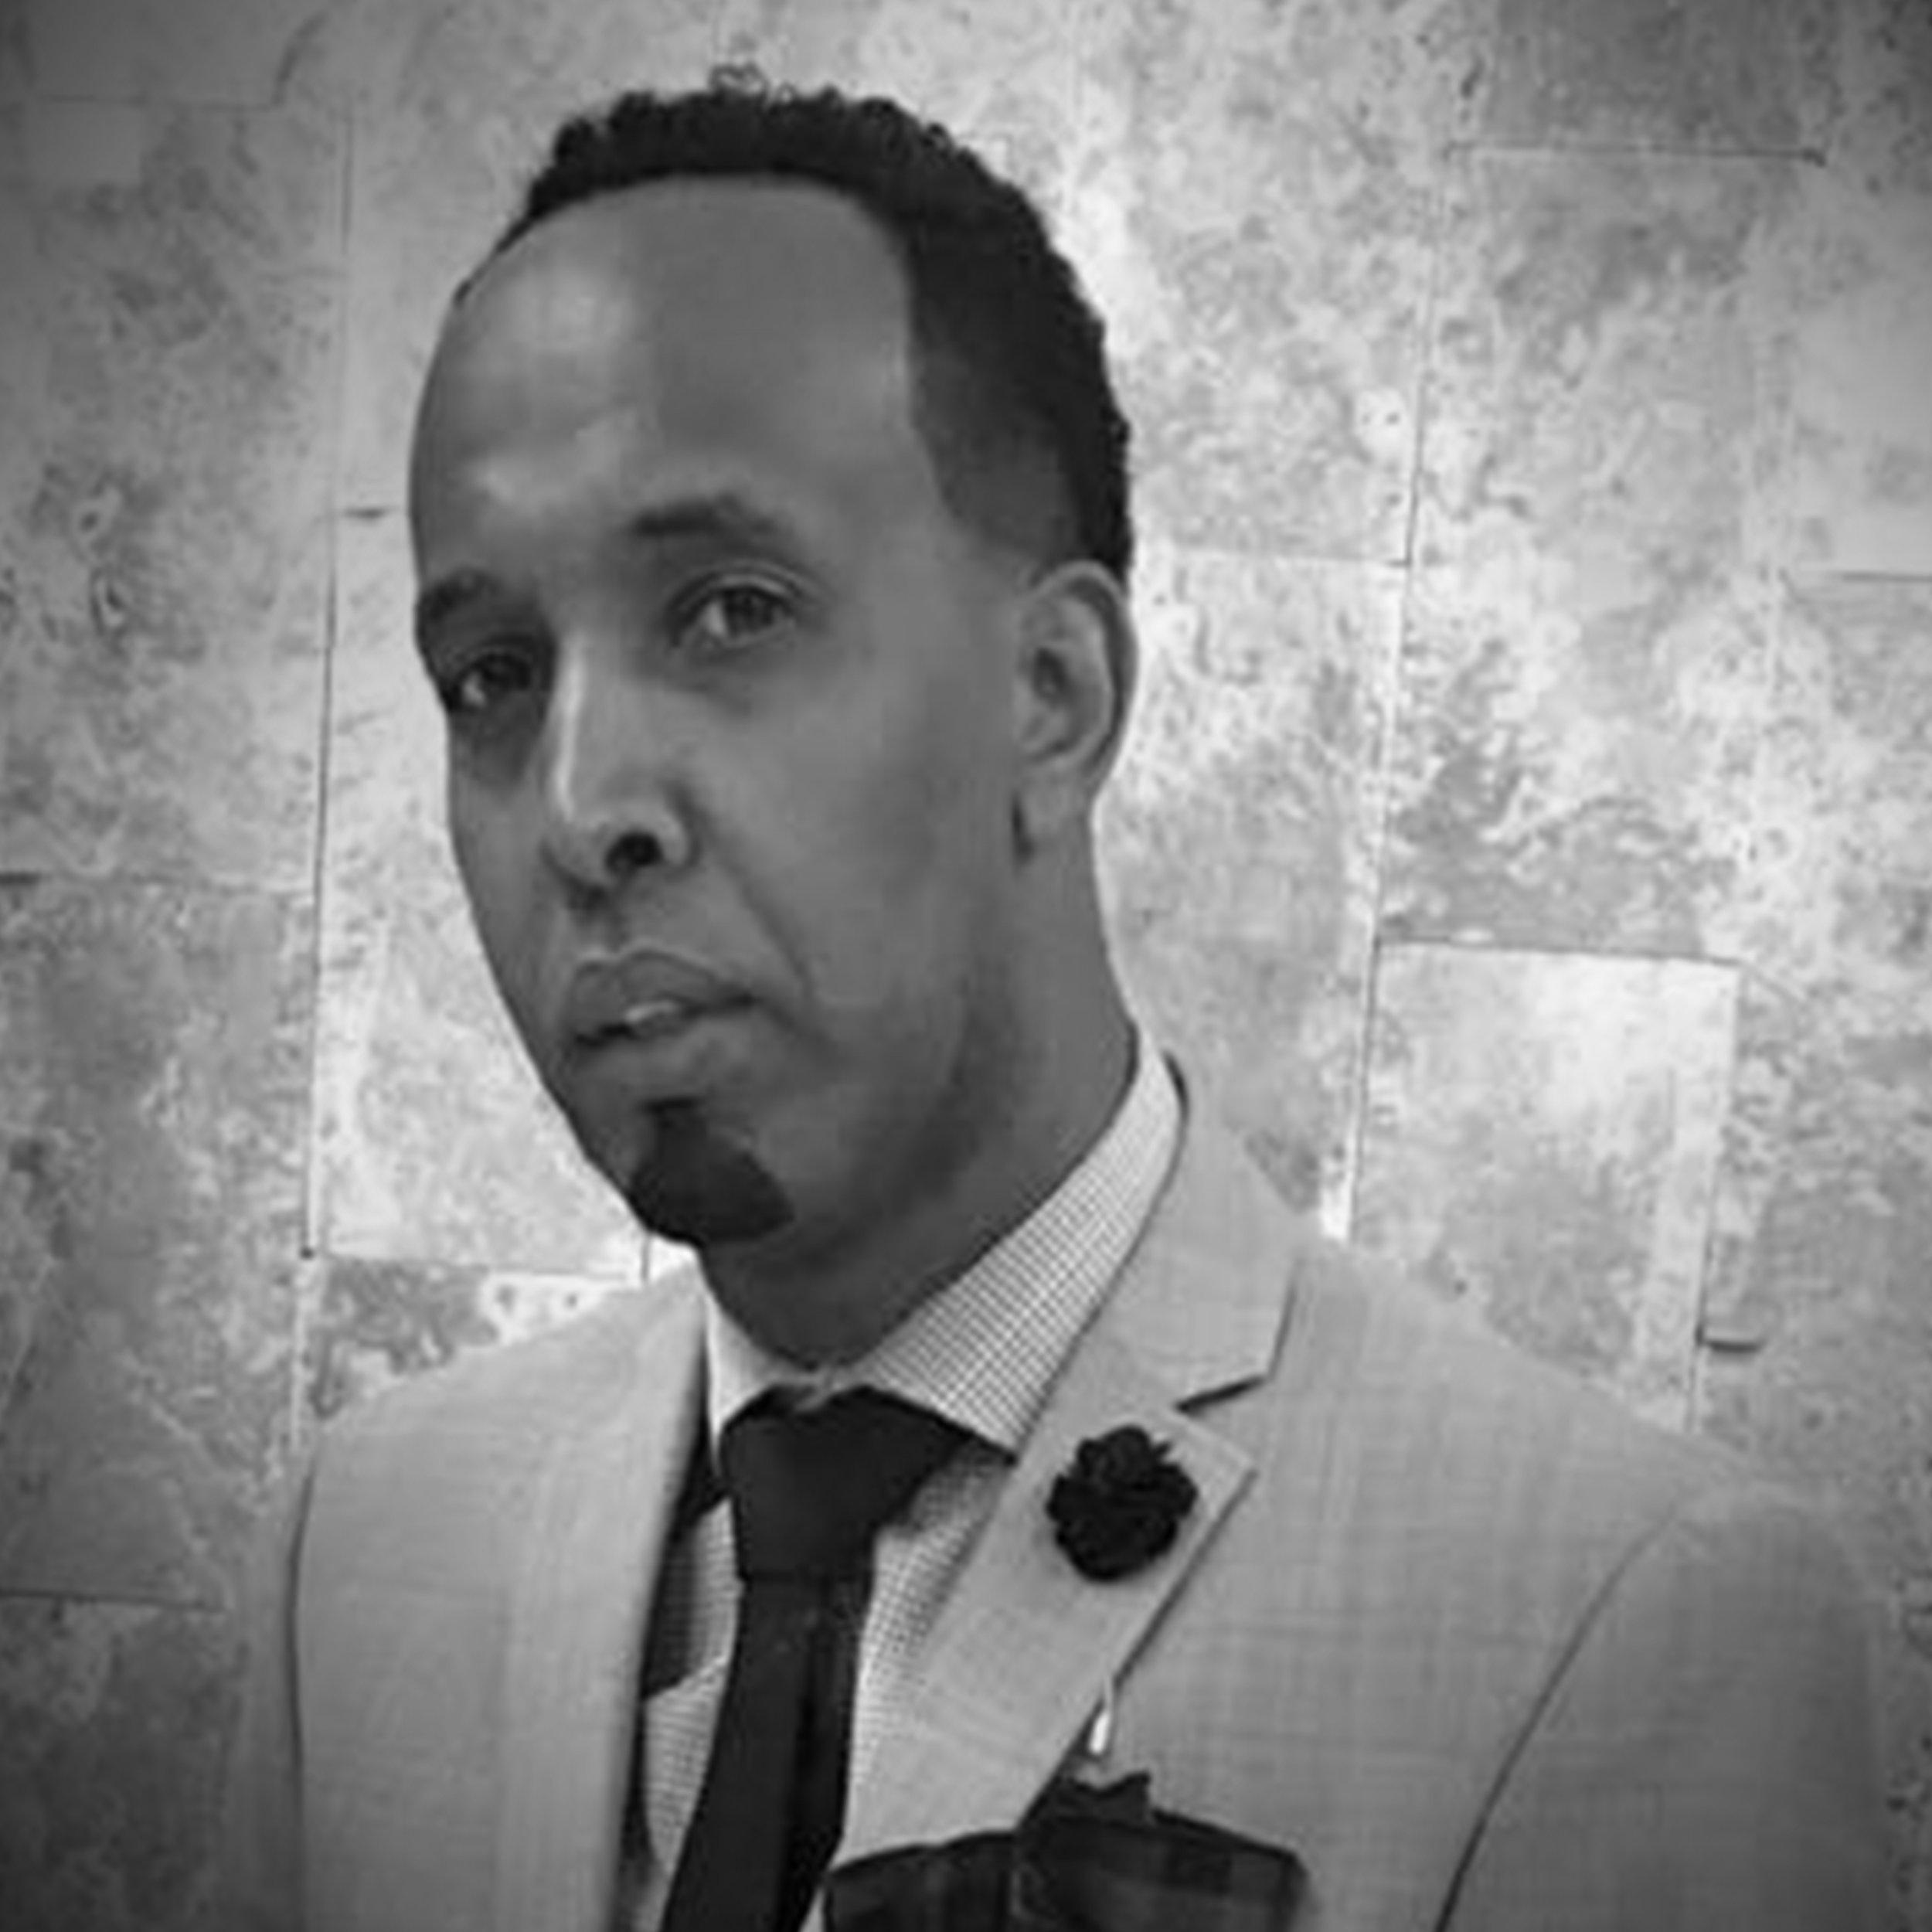 Abdul Ibrahim Headshot